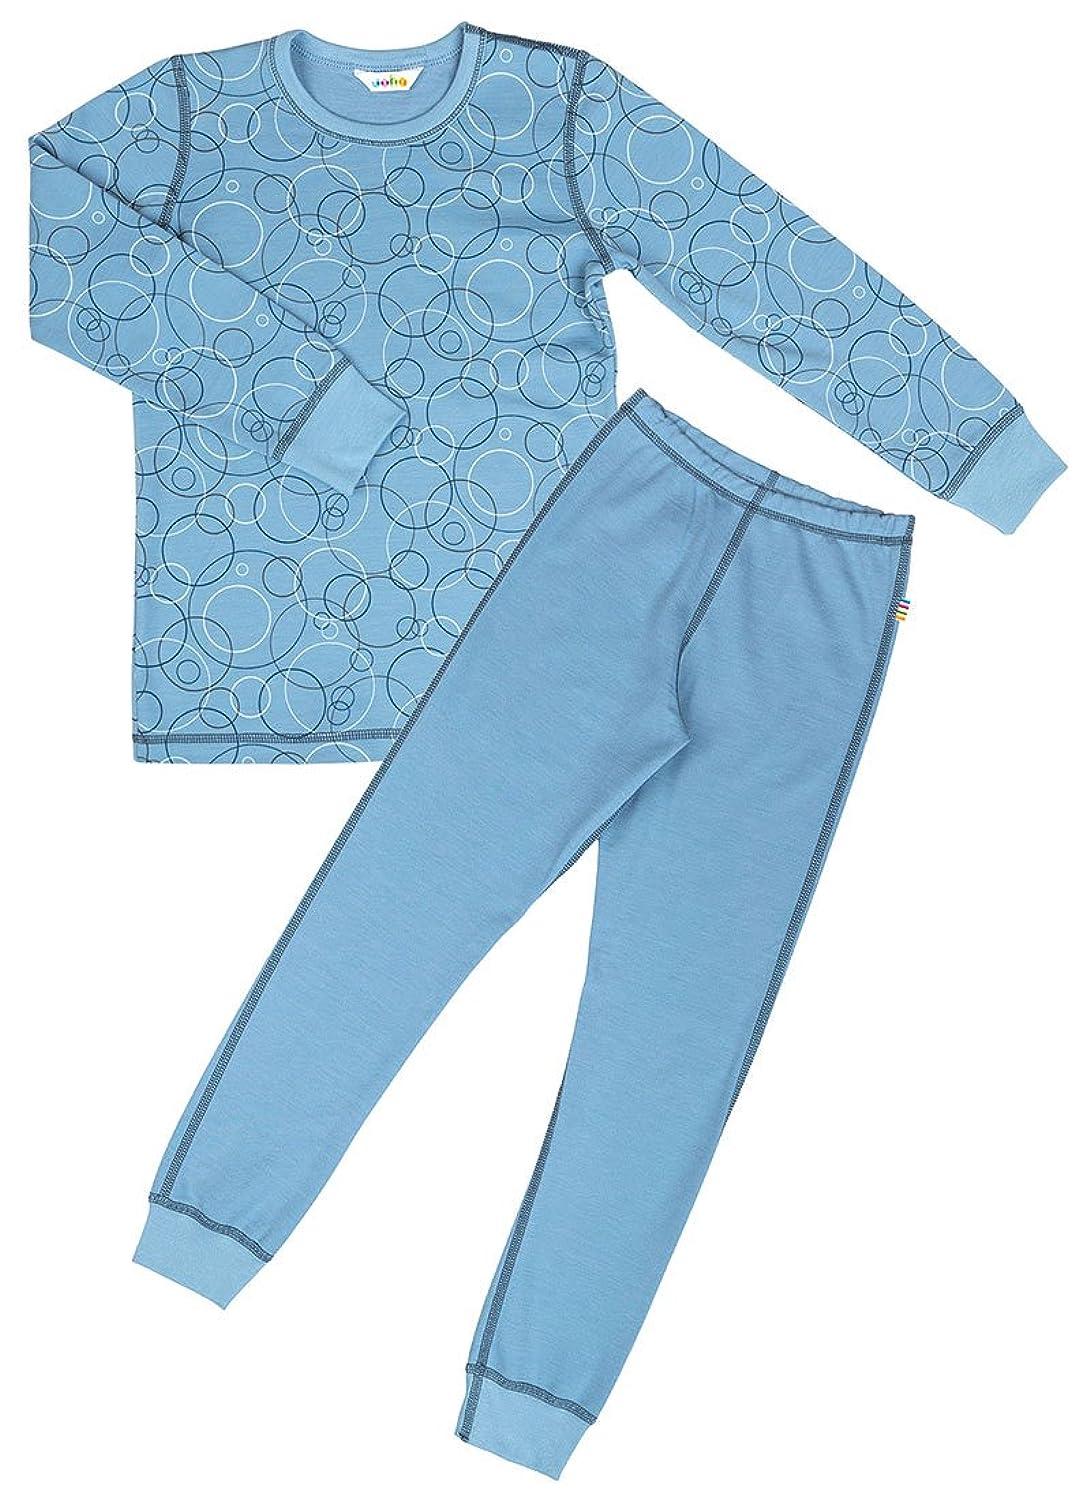 JOHA 2-teilige Jungen Funktionsunterwäsche BUBBLES aus Merinowolle und Bio-Baumwolle in blau